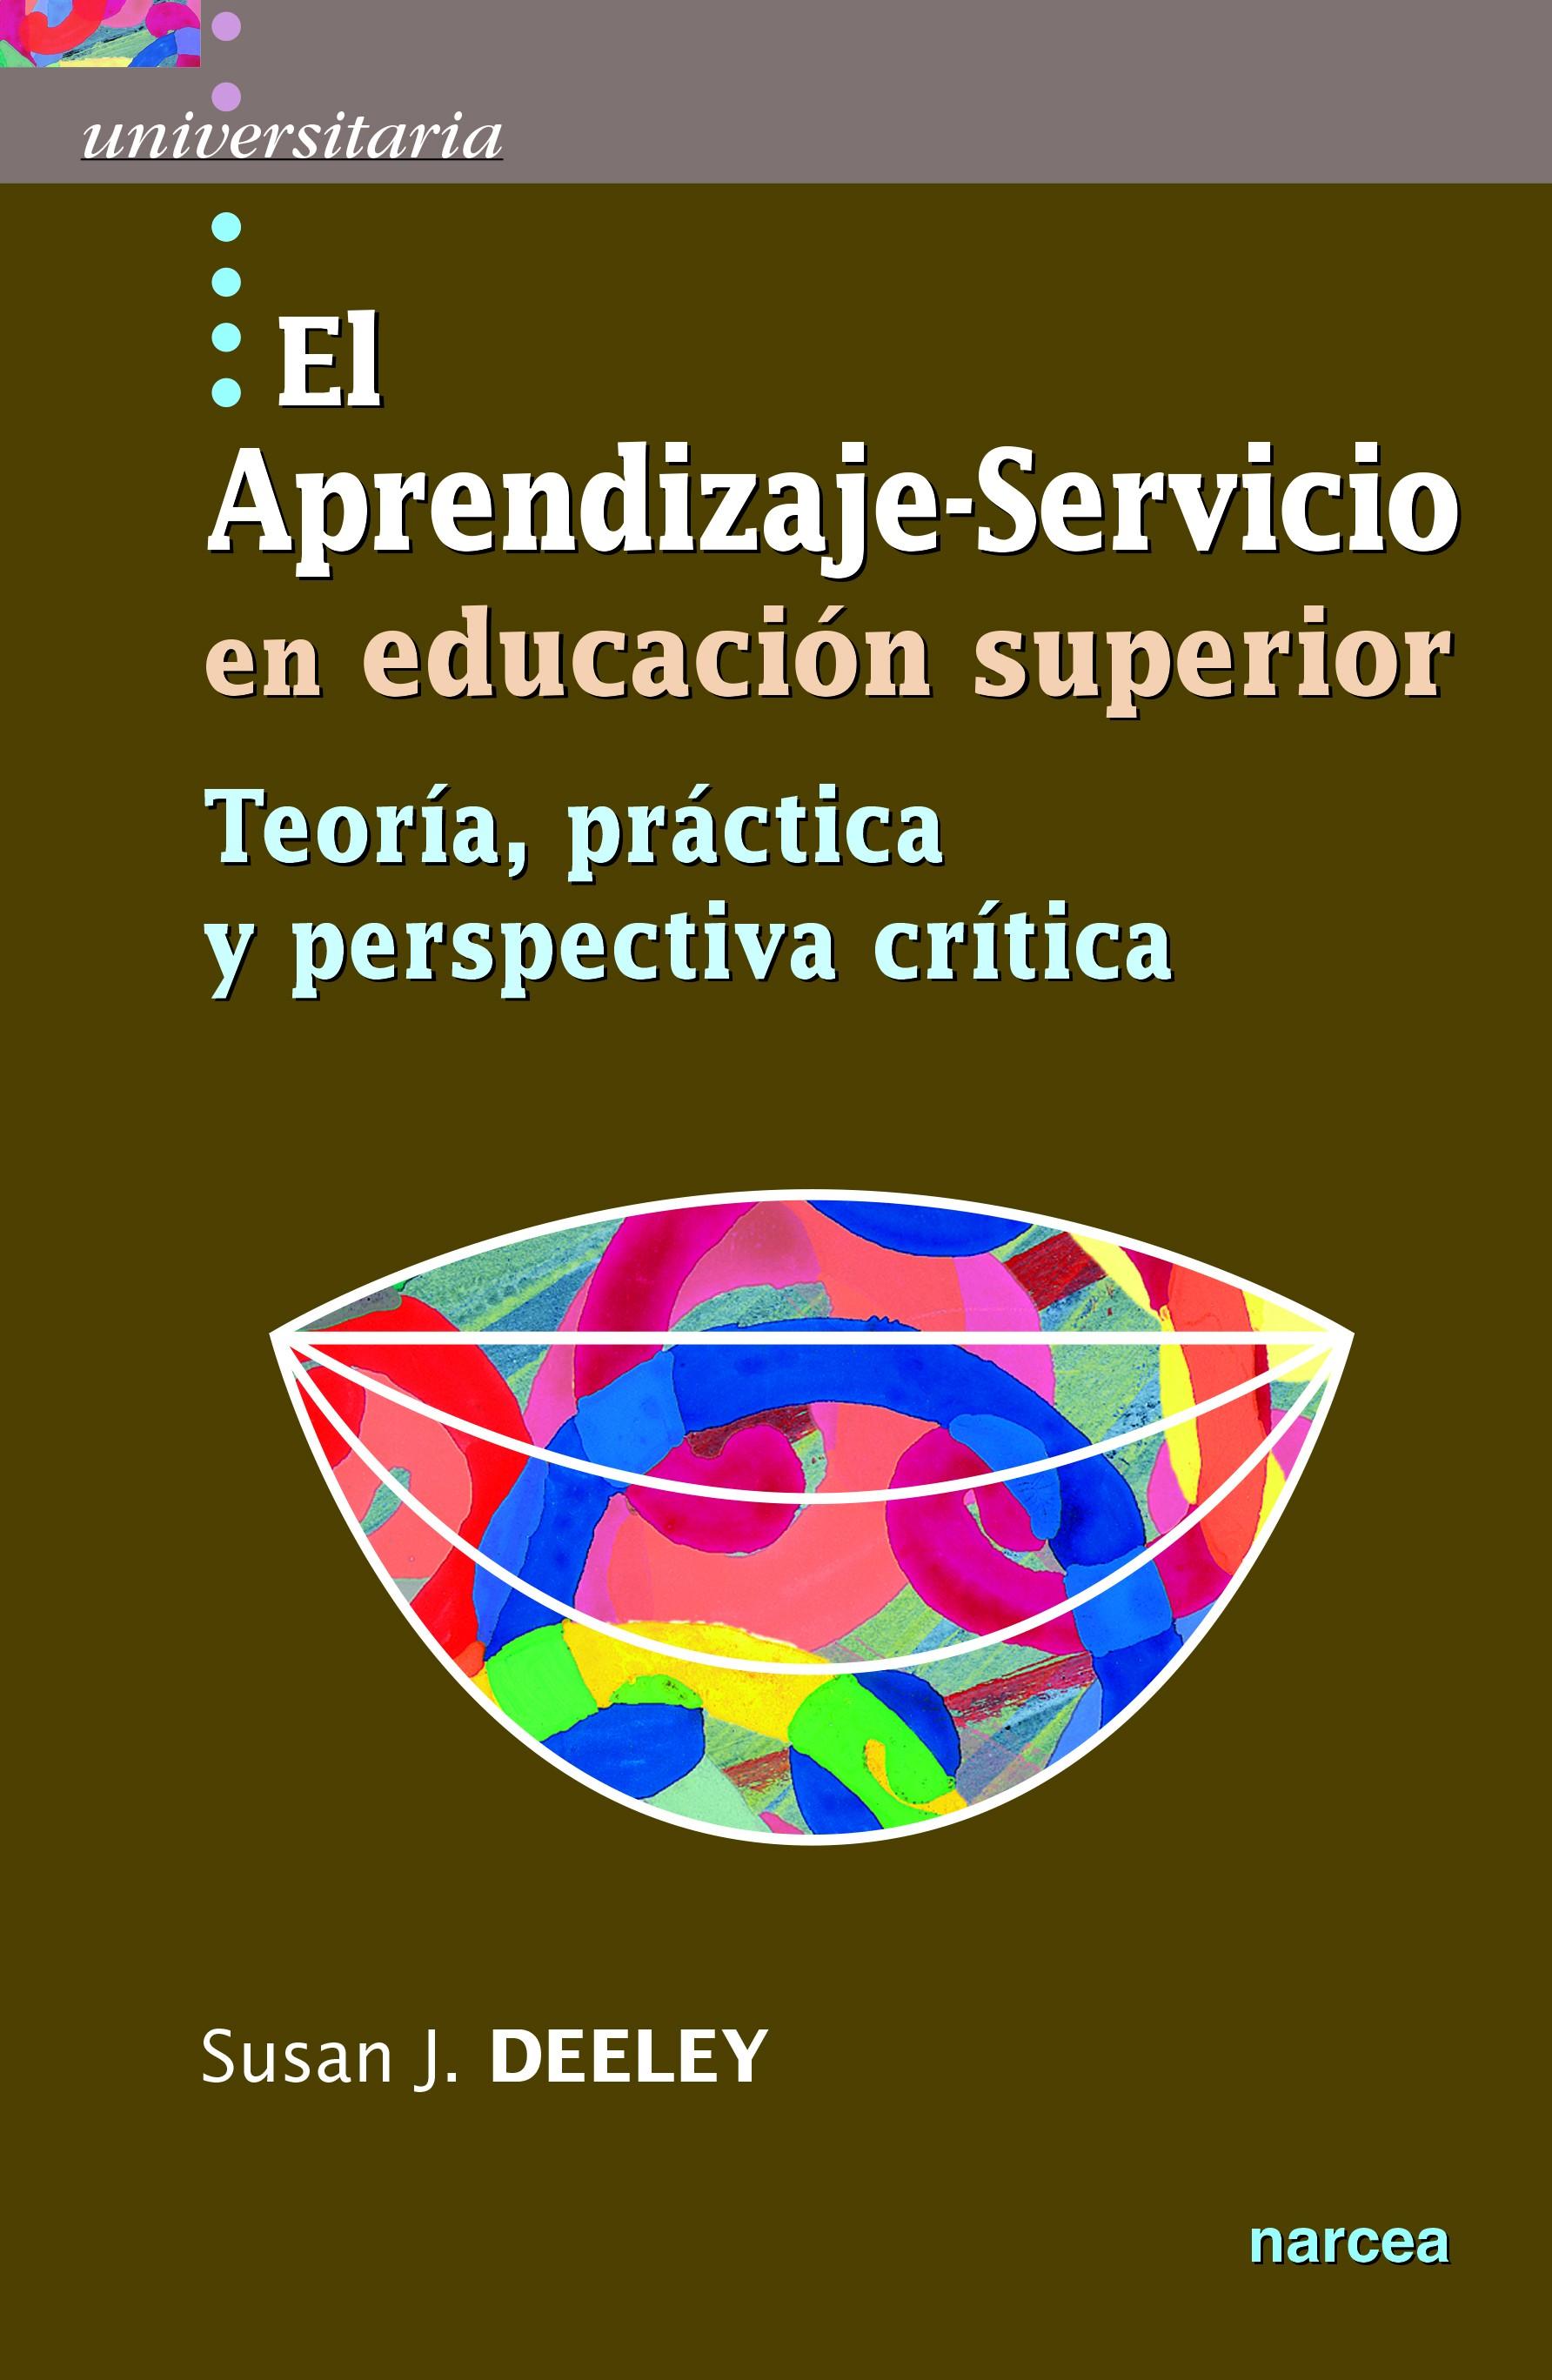 Aprendizaje servicio en educacion superior